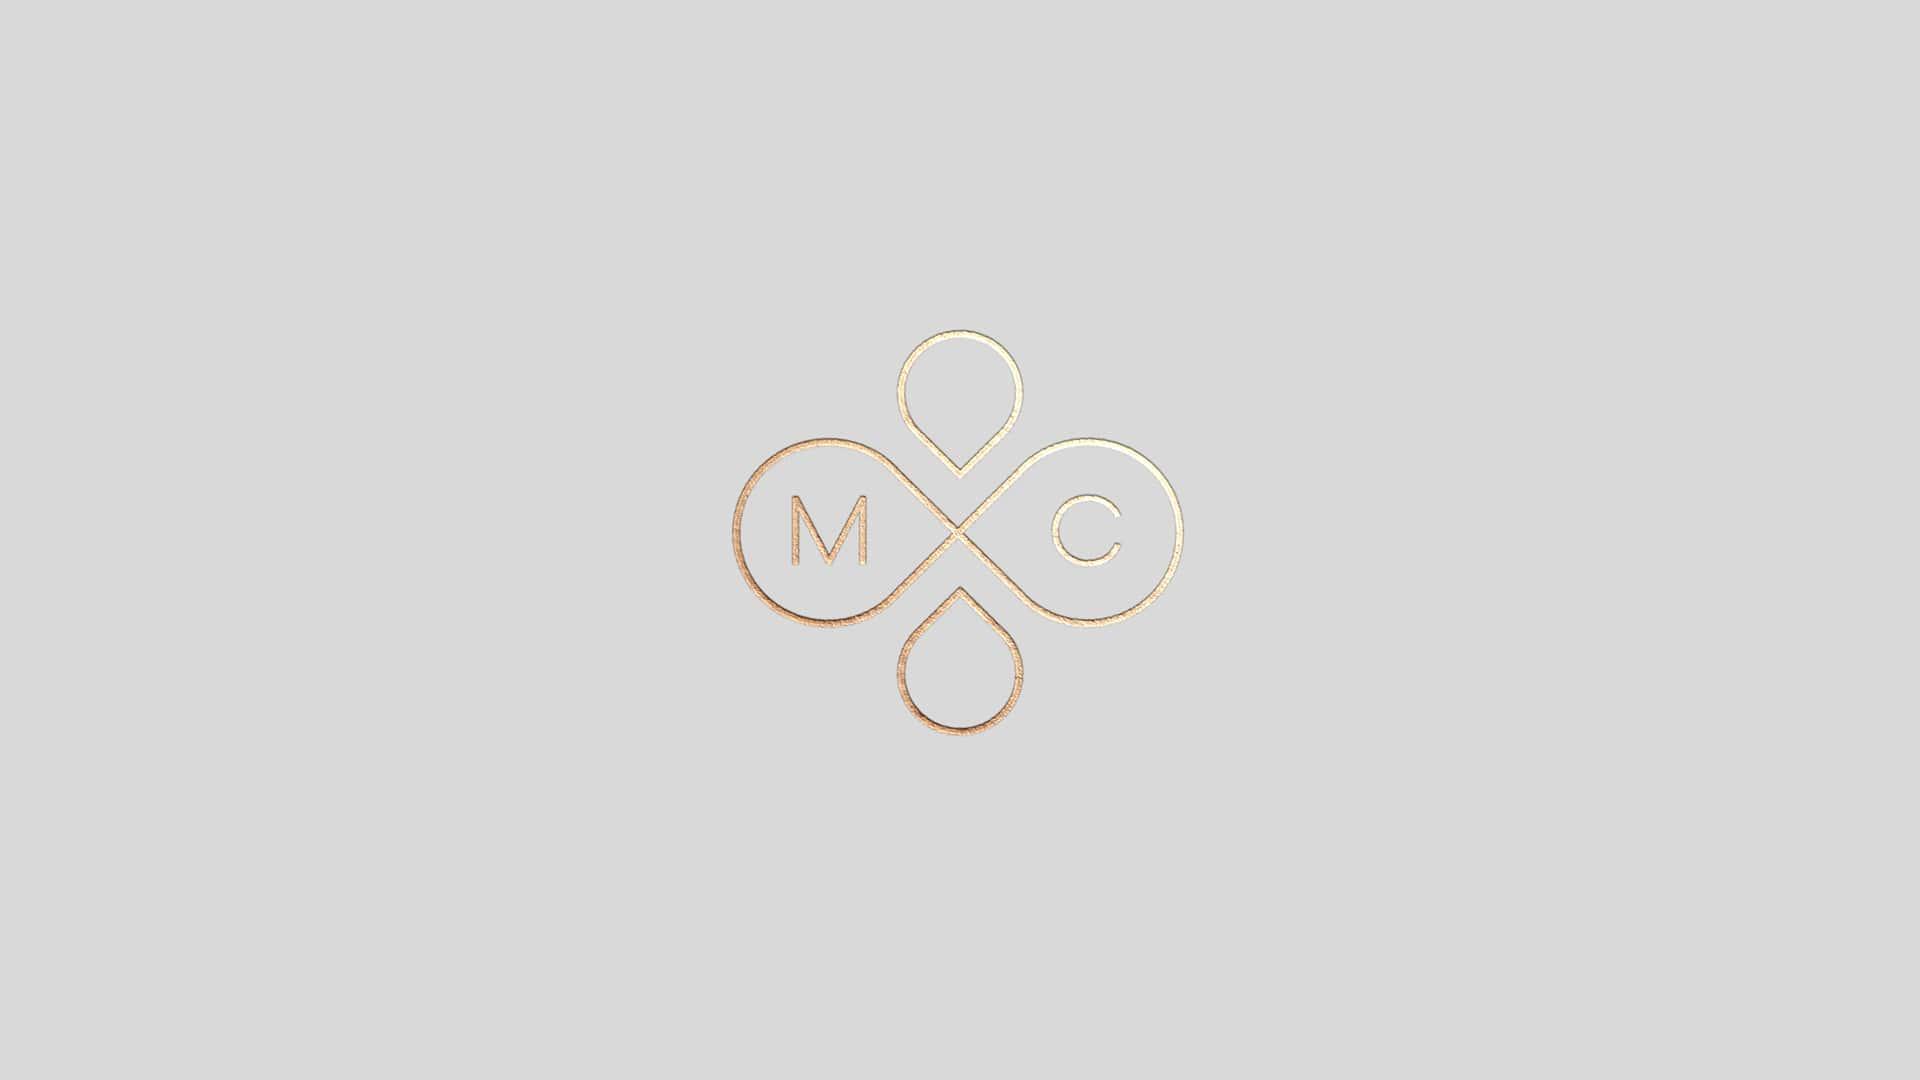 gold foil logo symbol design